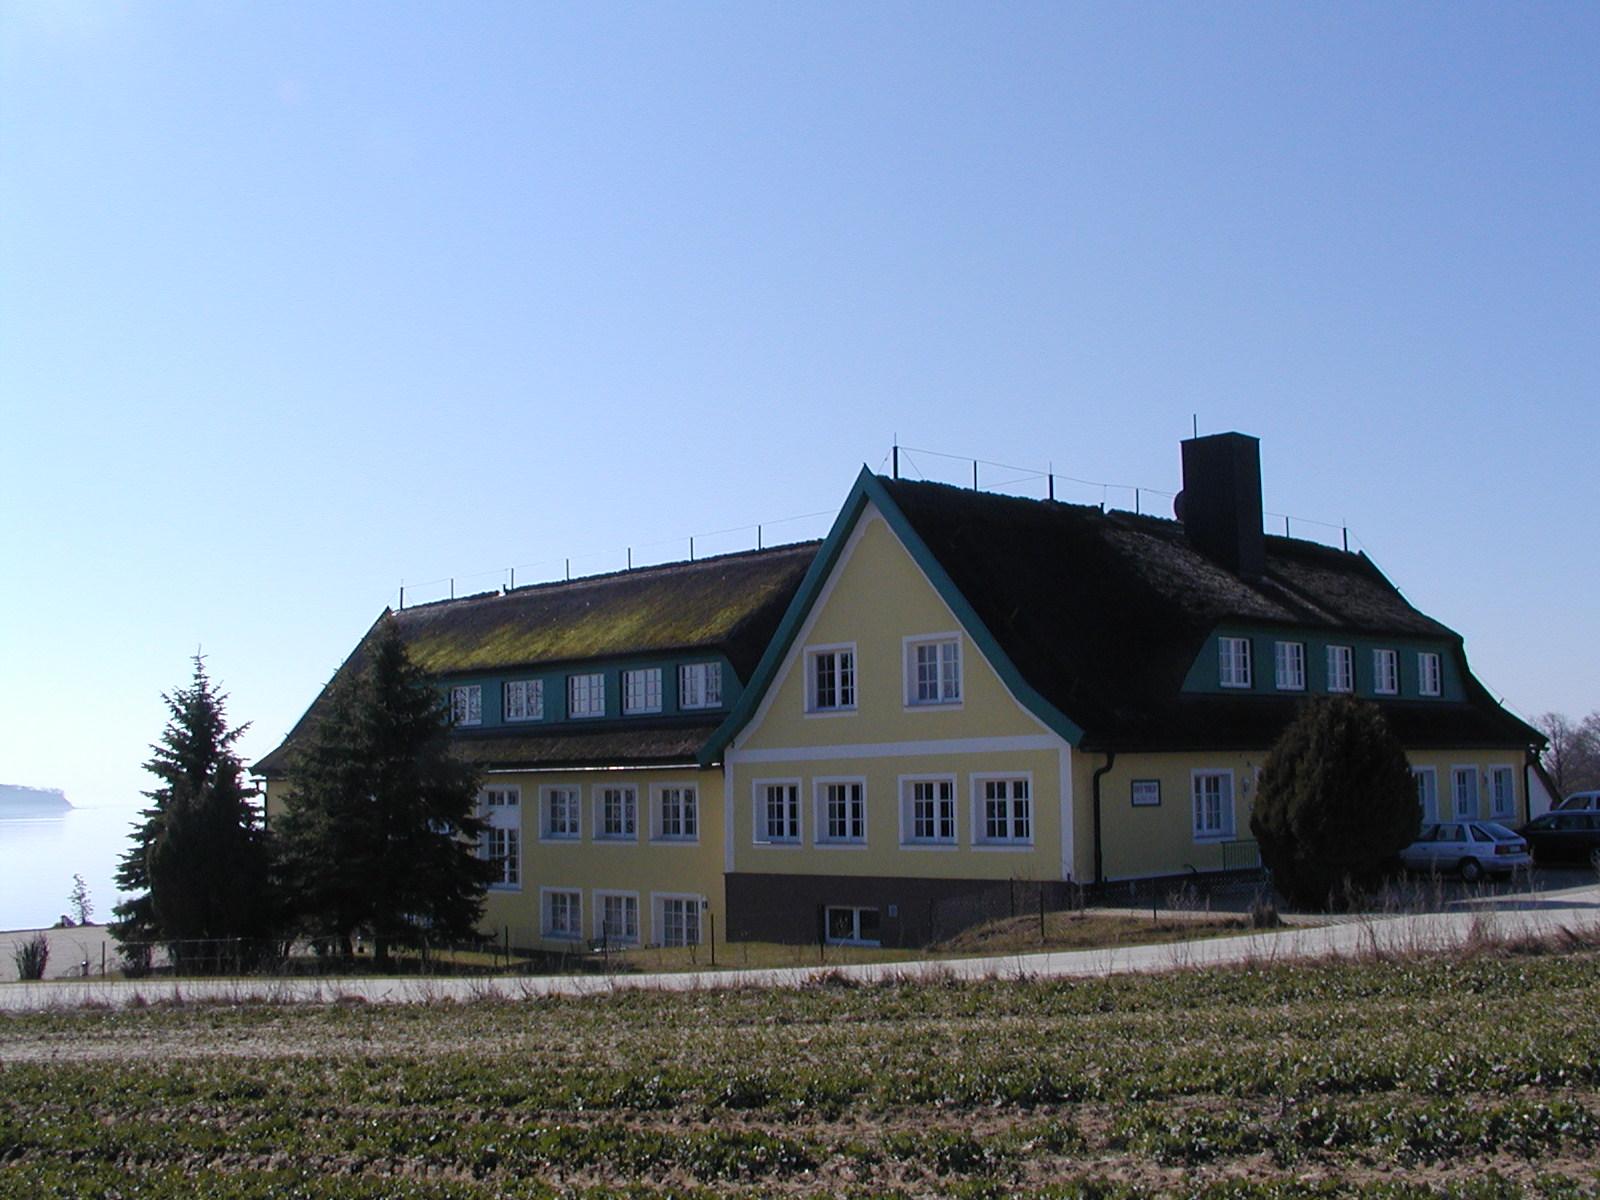 Ferienwohnung Ferienanlage Alt Reddevitz, (Alt Reddevitz). Ferienwohnung Neukölln, 35 qm, 1 Schlafzimmer (1029663), Alt Reddevitz, Rügen, Mecklenburg-Vorpommern, Deutschland, Bild 6